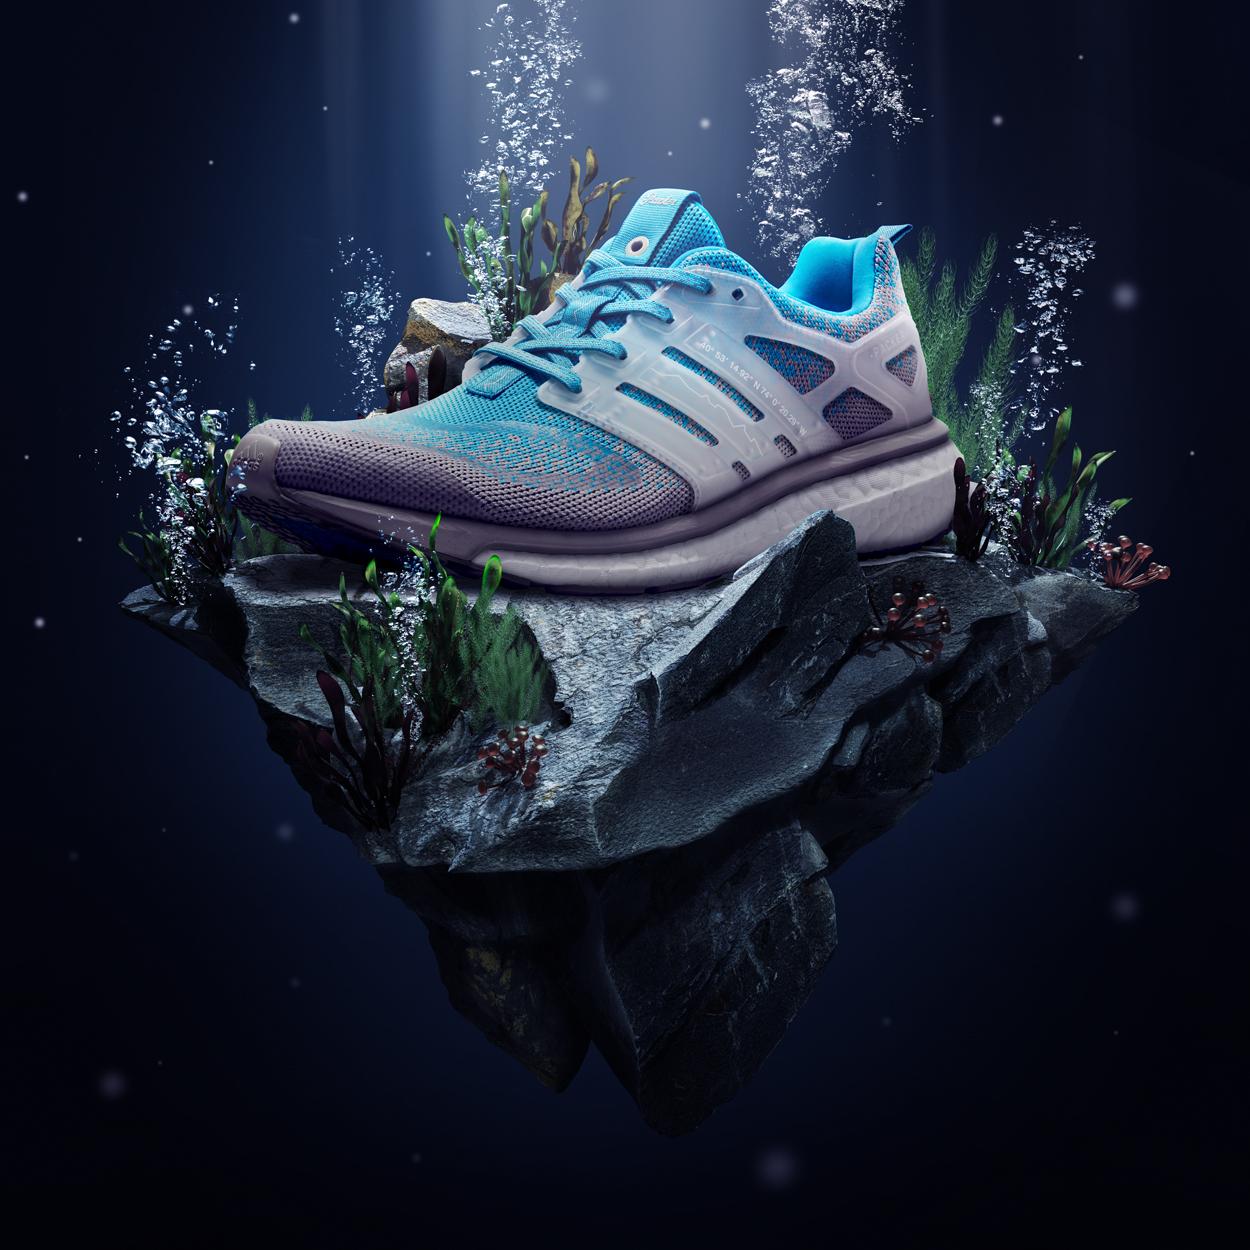 adidas Originals_Consortium_Packer X Solebox_TENIS ENERGY BOOST SE_R$699,99 (1)